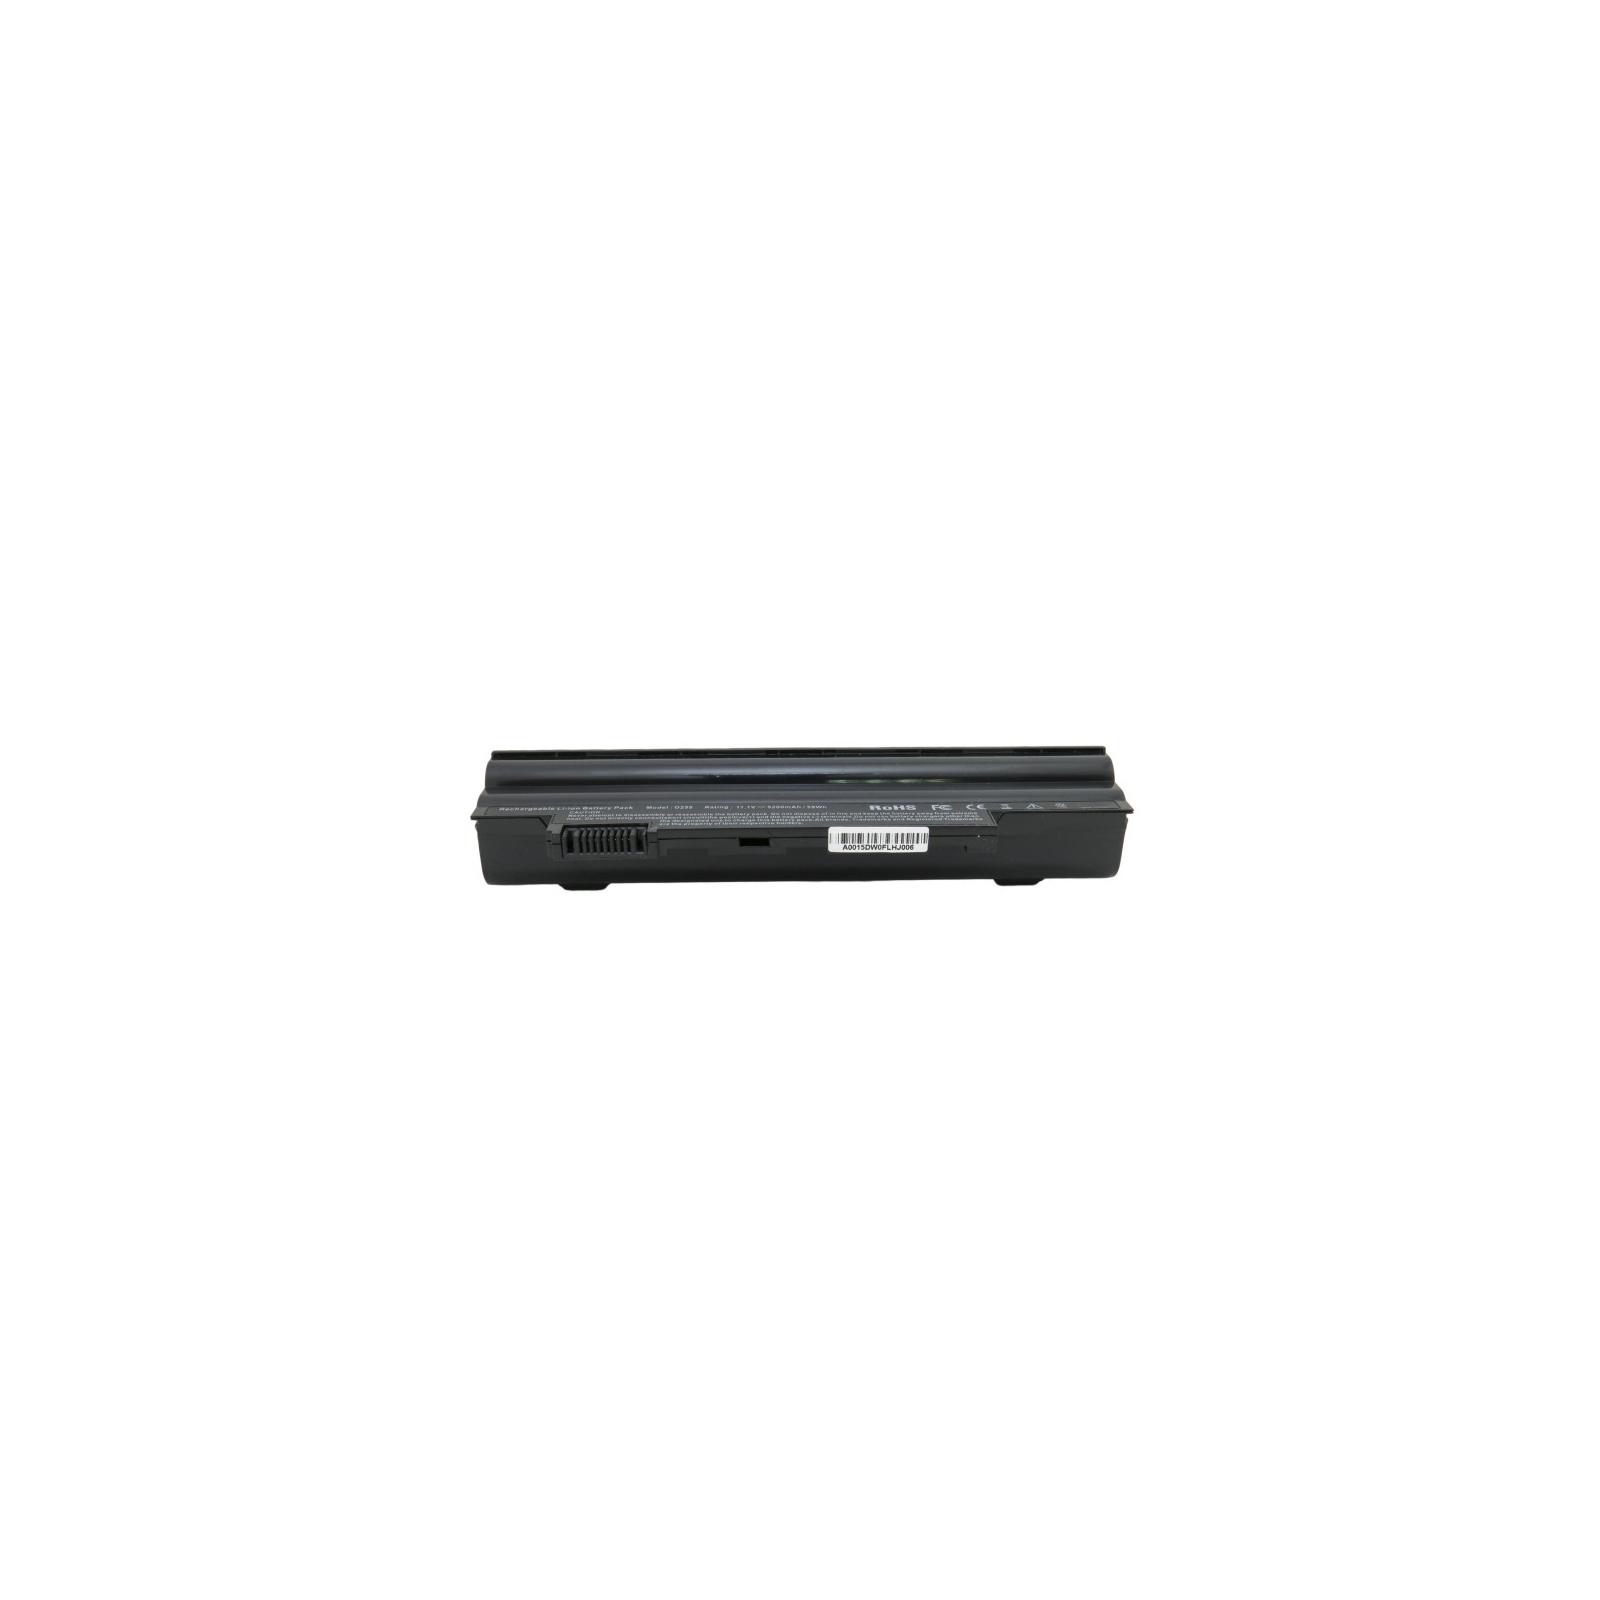 Аккумулятор для ноутбука Acer Aspire One D255 (AL10B31) 5200 mAh EXTRADIGITAL (BNA3915) изображение 4